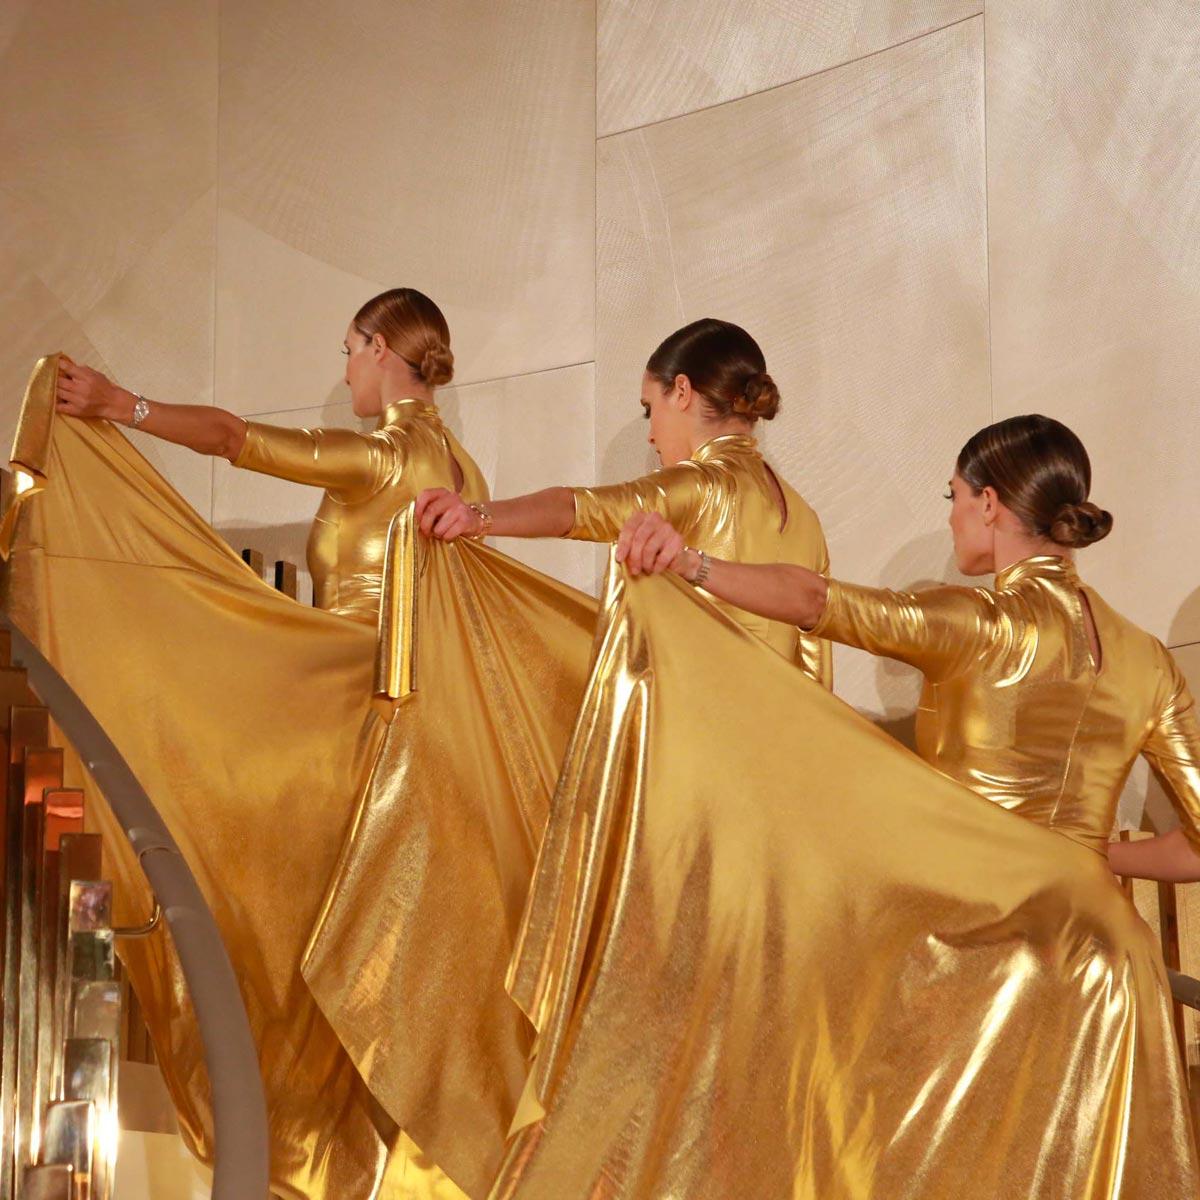 La Cote des Montres : Photo - Bvlgari célèbre Serpenti Seduttori au sein de la boutique ARIJE